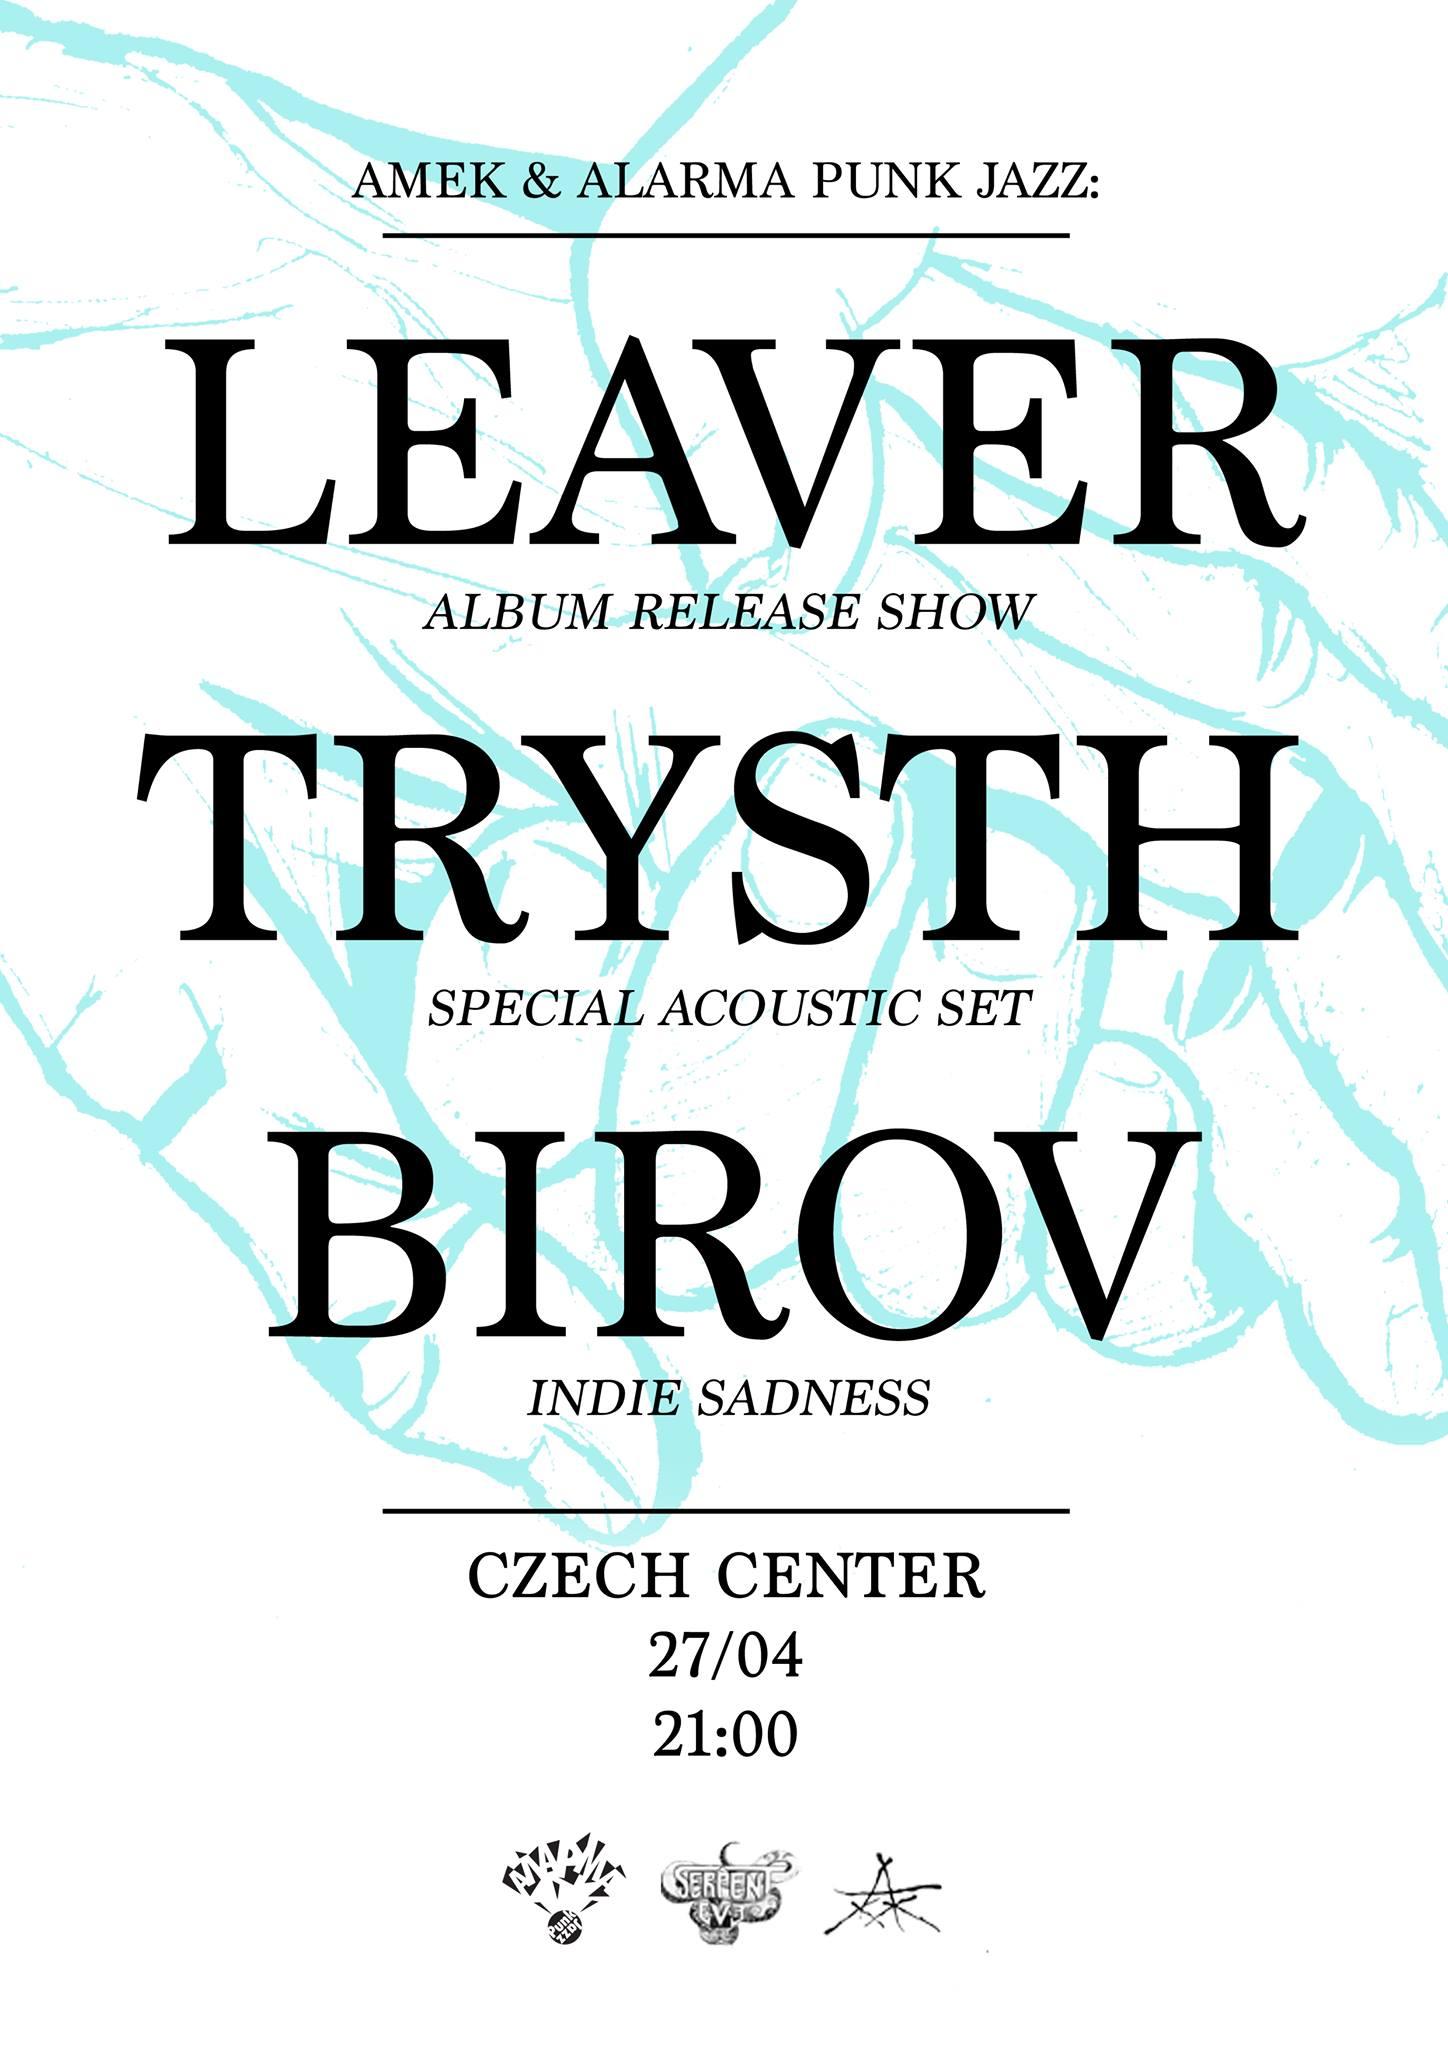 leaver album promo